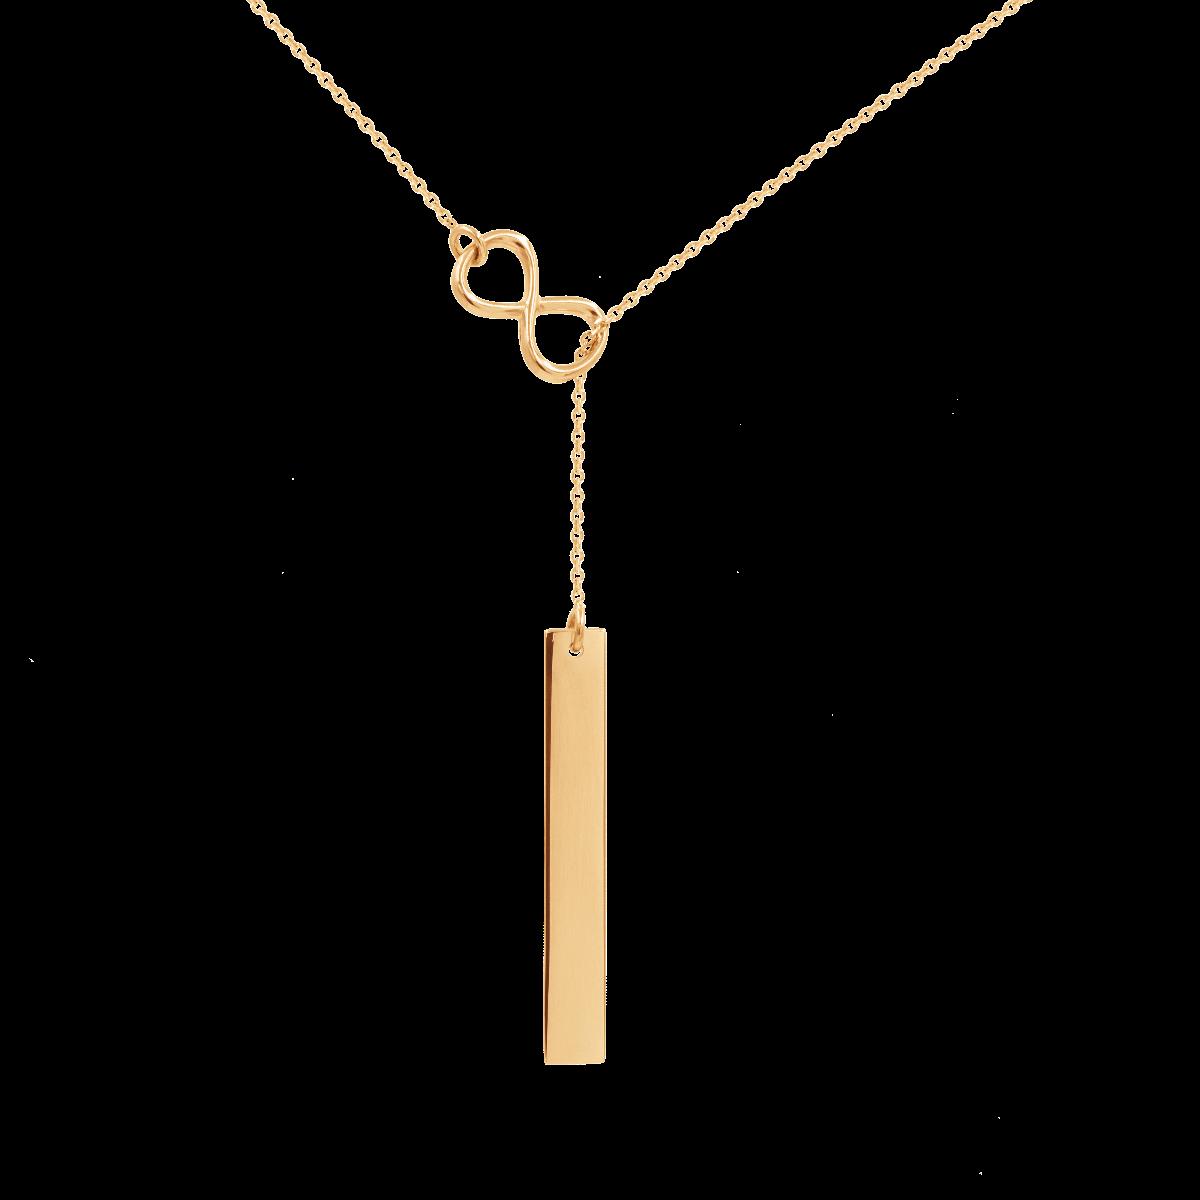 Naszyjnik nieskończoność z blaszką pozłacany 54 cm